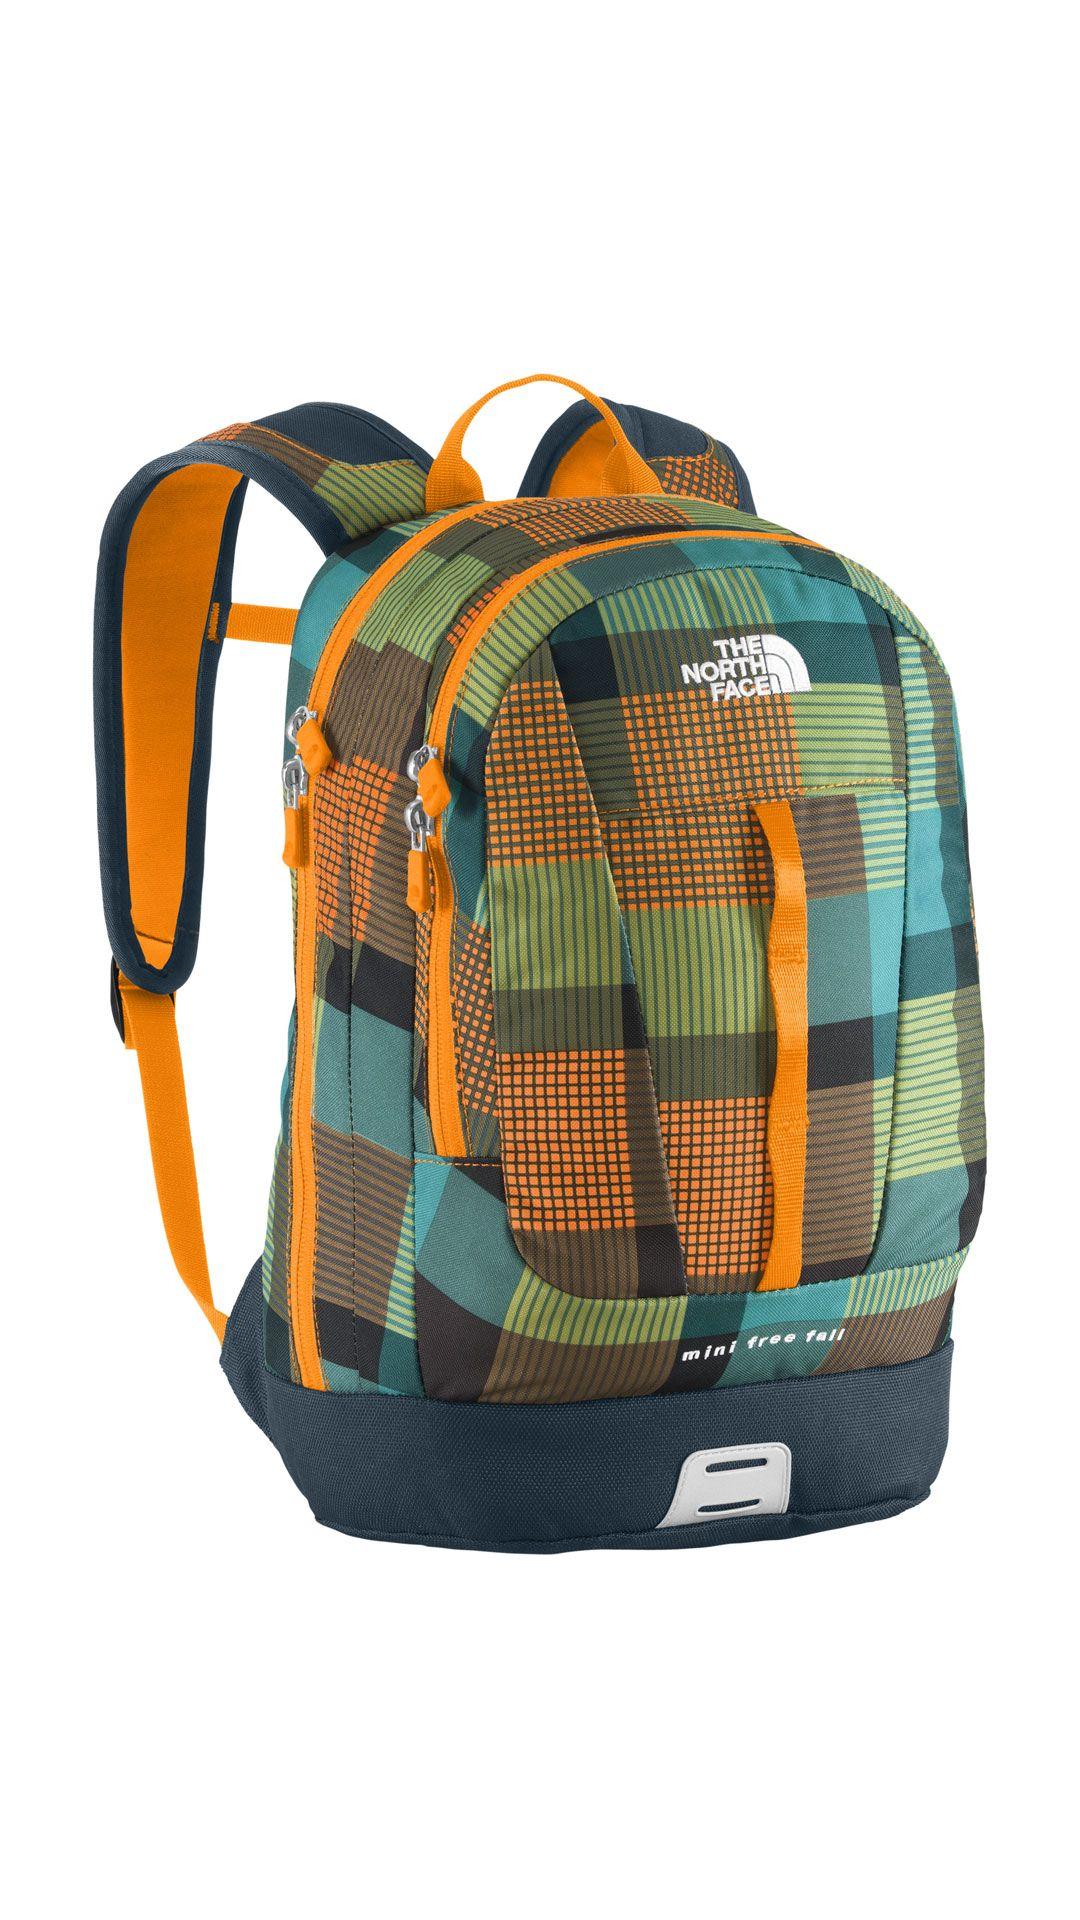 Best Kids Back to School Backpacks | Backpacks | Pinterest ...